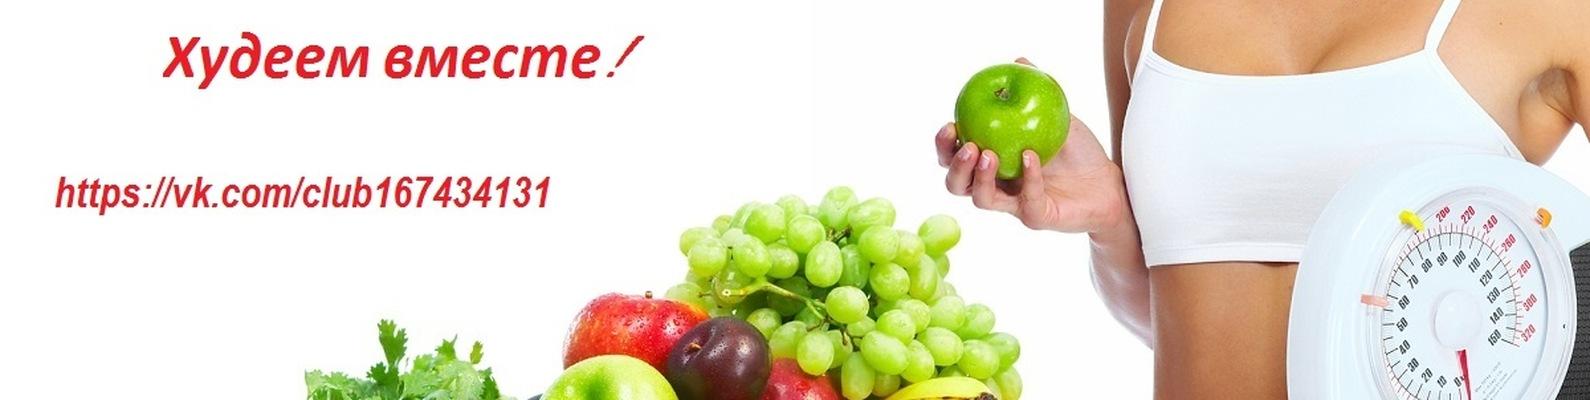 Программа Здоровье Похудеть Легко. Десять бесплатных диет от Елены Малышевой